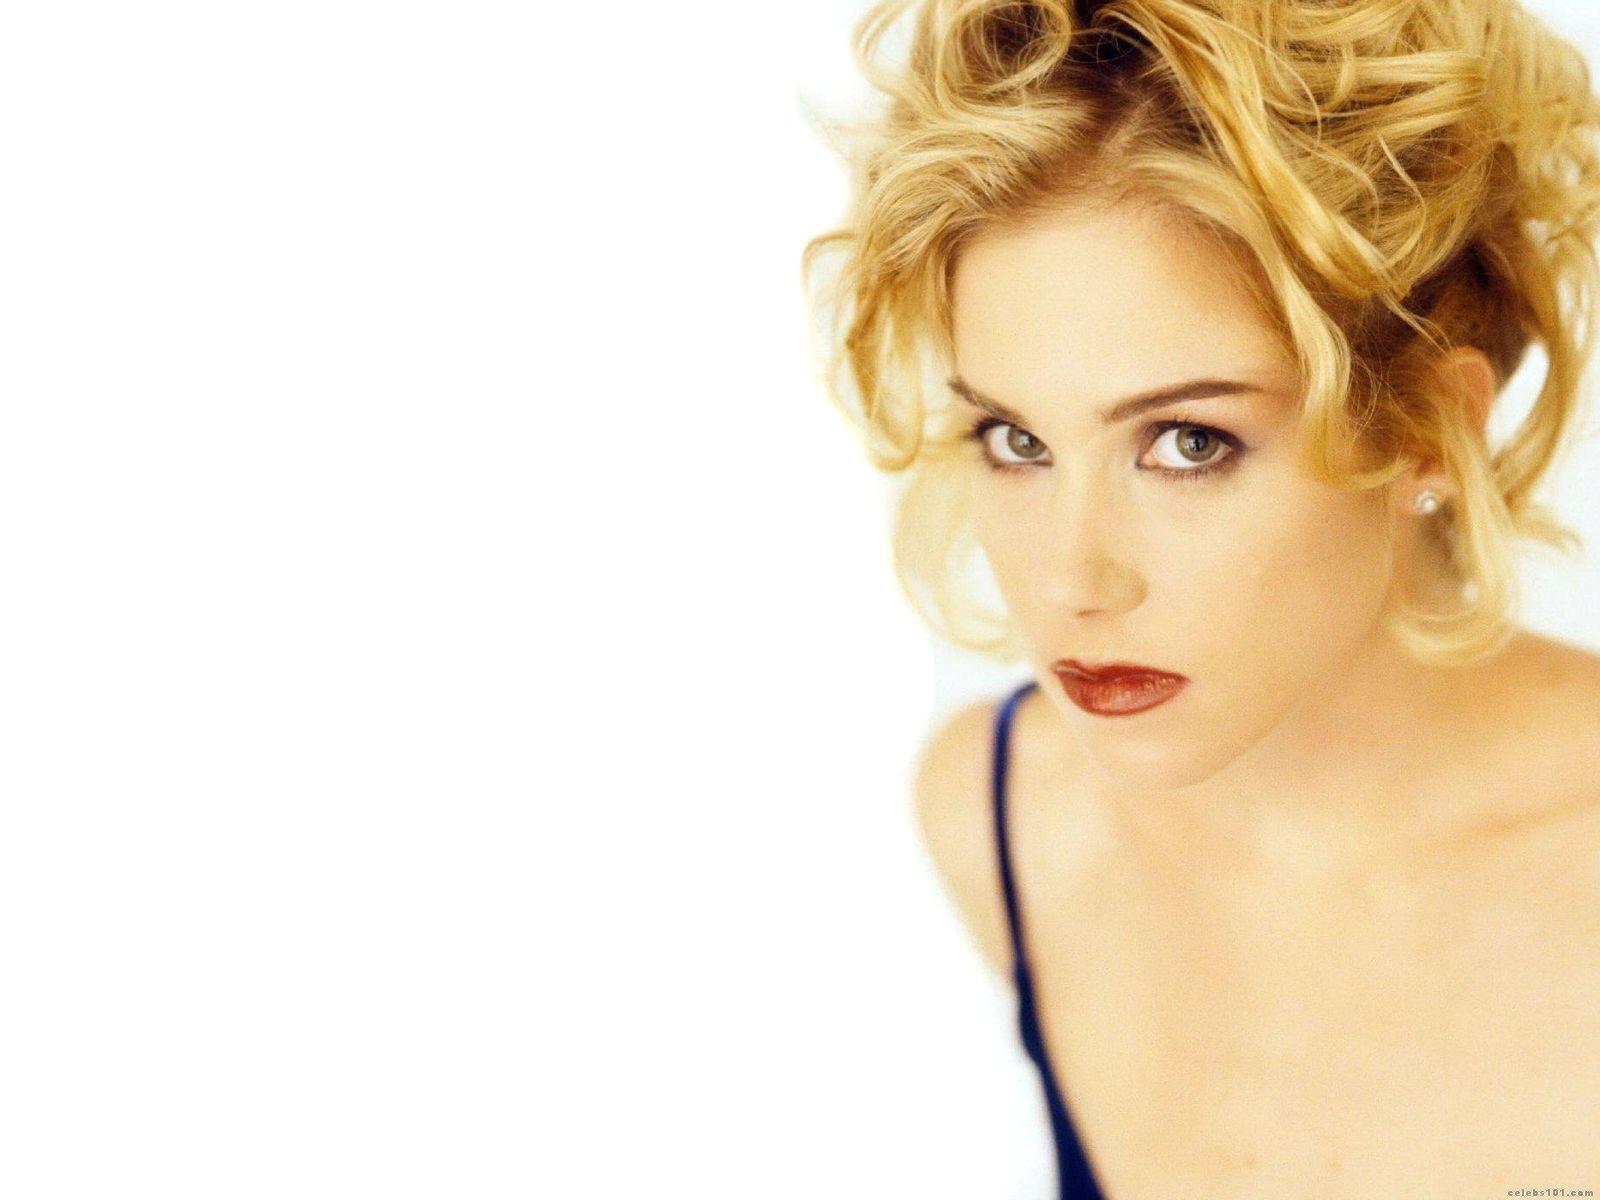 http://1.bp.blogspot.com/-V35KCaQ_8Vc/TbxT5OAhlRI/AAAAAAAAAGs/WbdEM5Mw364/s1600/Christina+Applegate.jpg